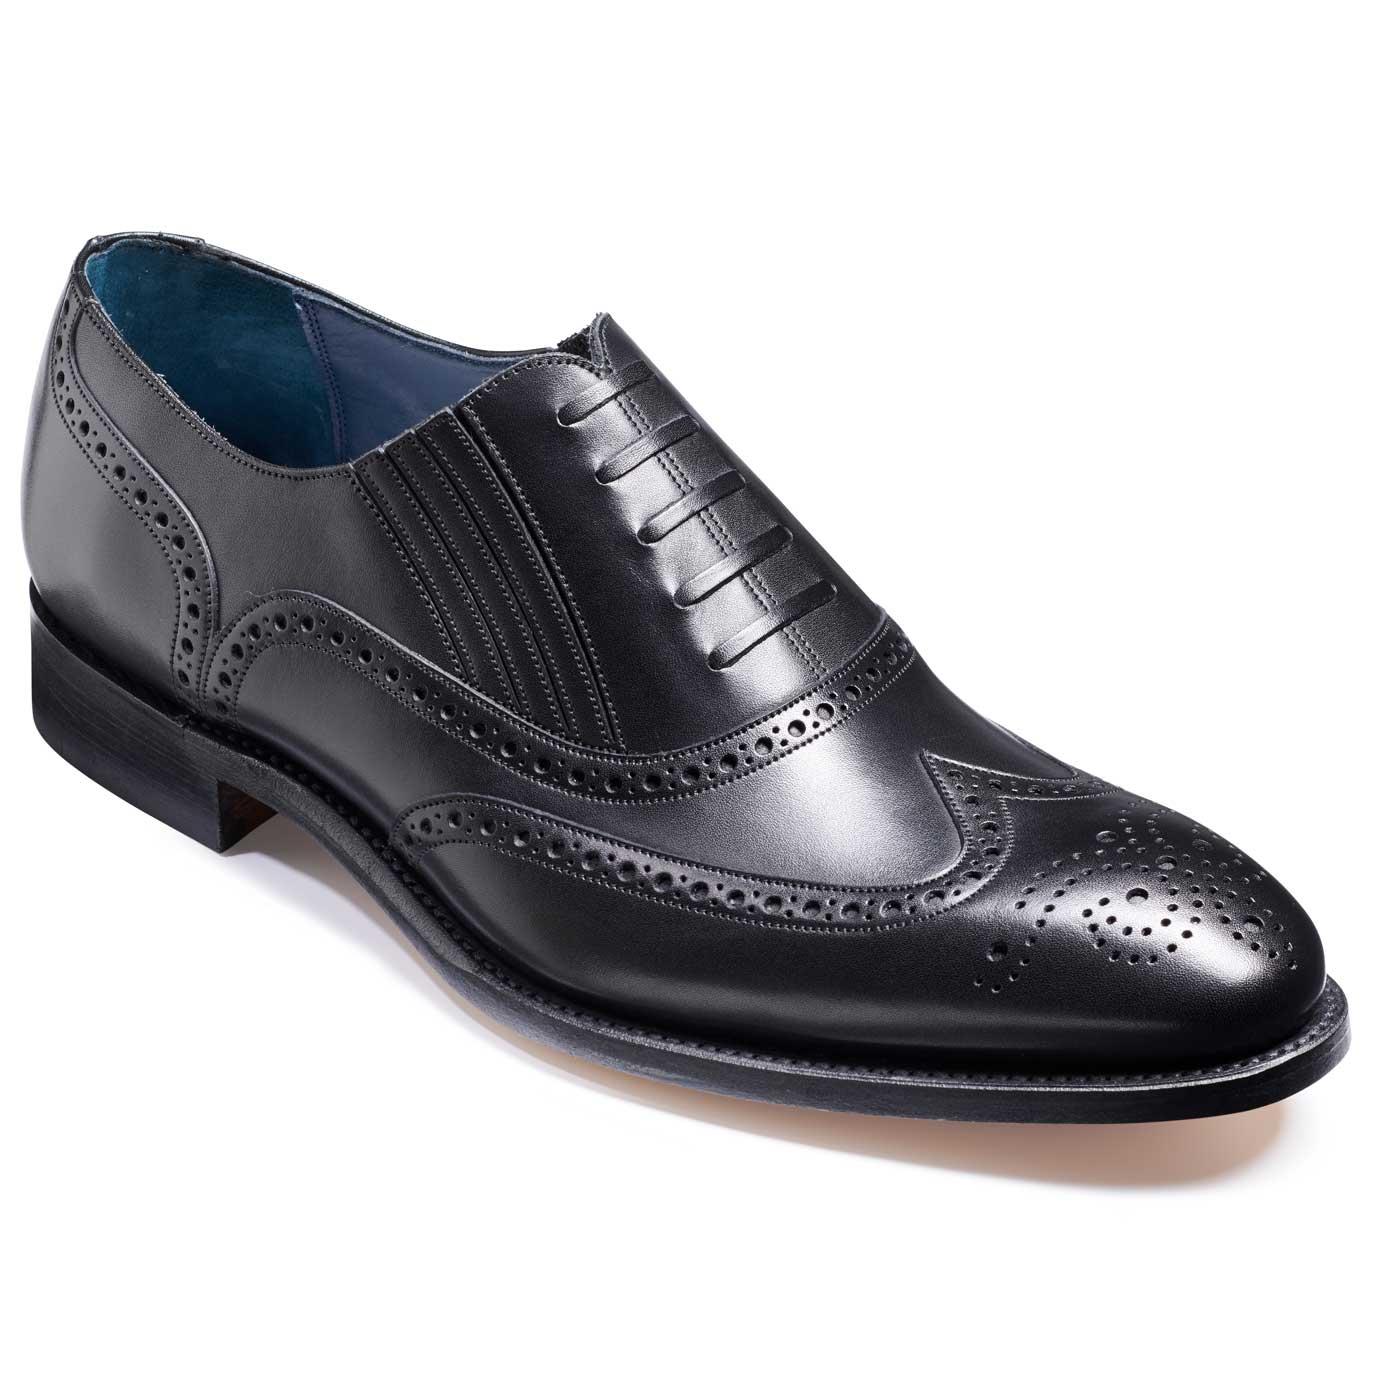 d5230b2ea3b Barker Timothy Shoes - Oxford Brogue - Black Calf